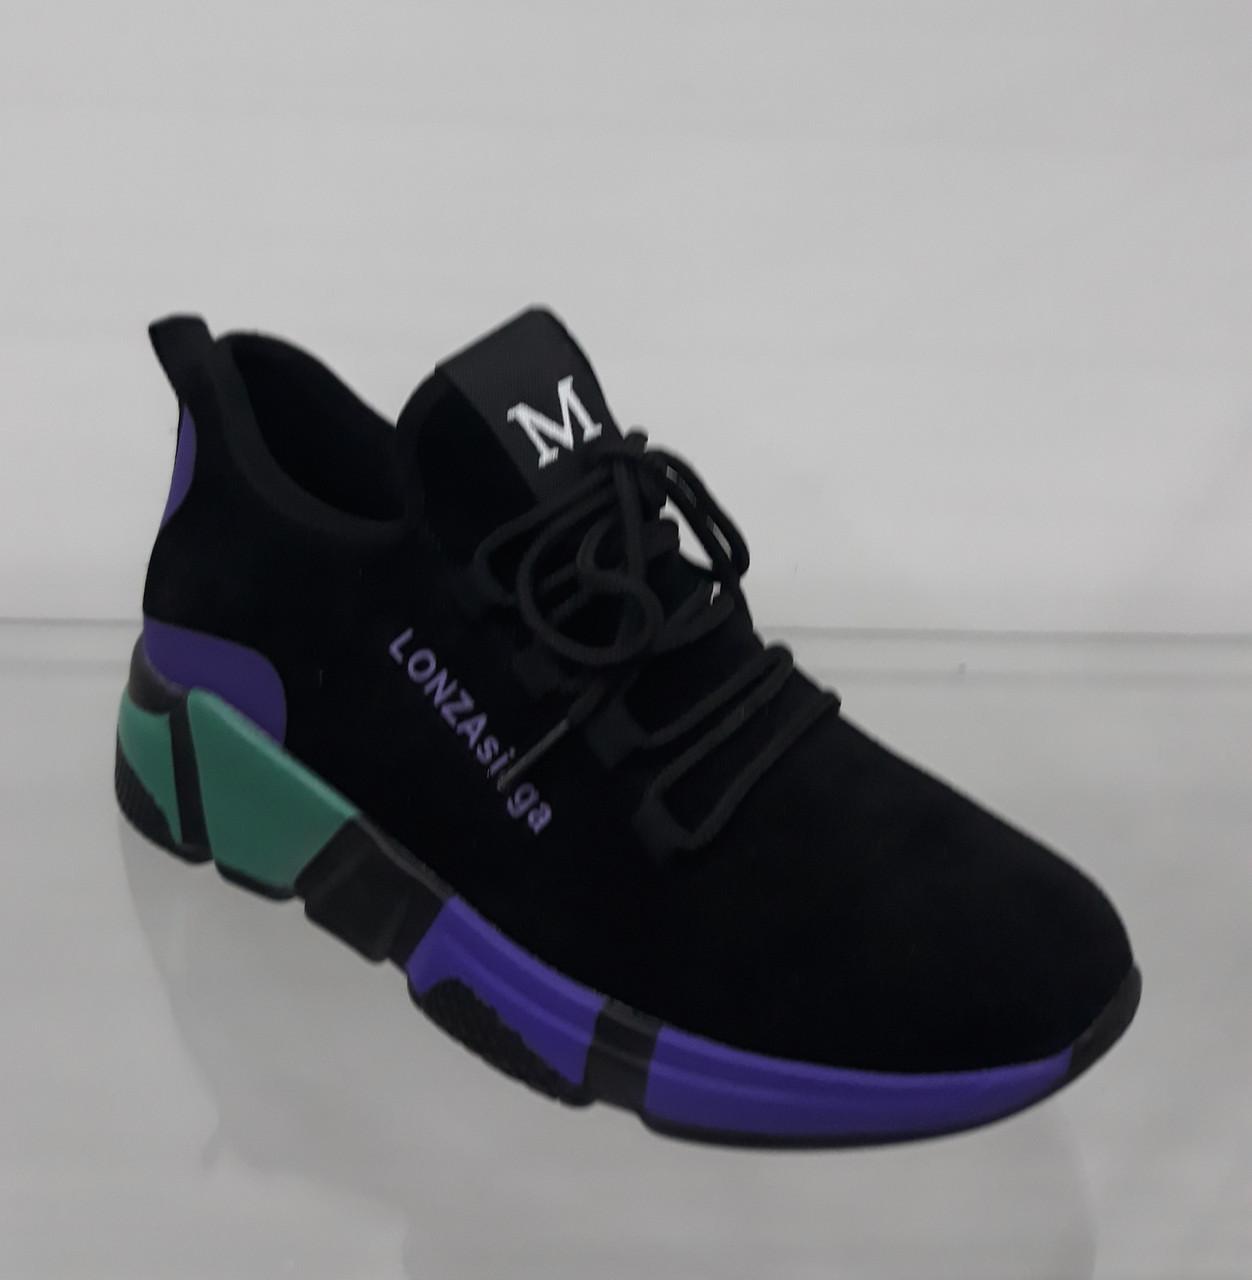 a058d0e4d Модные черные кроссовки-носки женские на яркой цветной подошве - Интернет  магазин